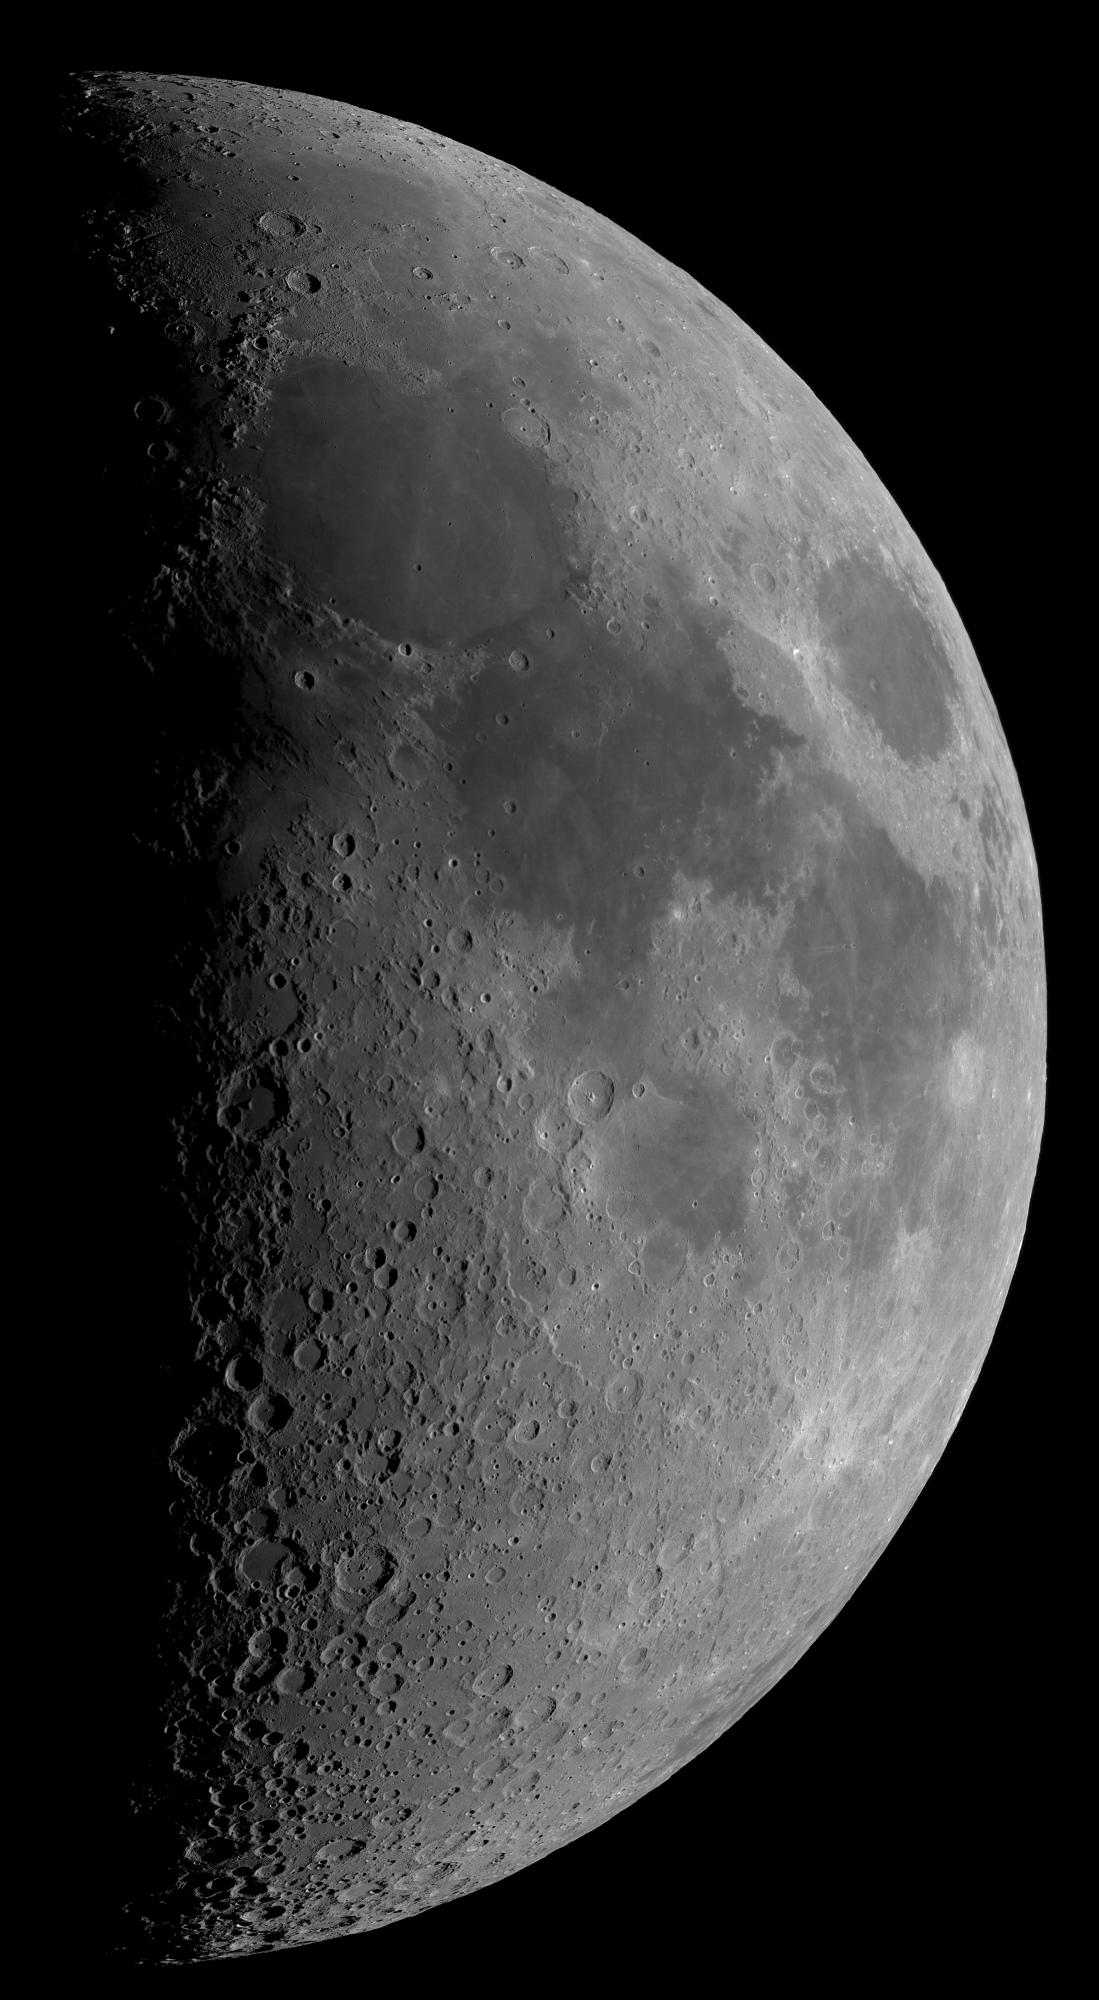 Moon_200529_stitch_50.thumb.jpg.d35266947e143ae840b0504ccc6d9721.jpg